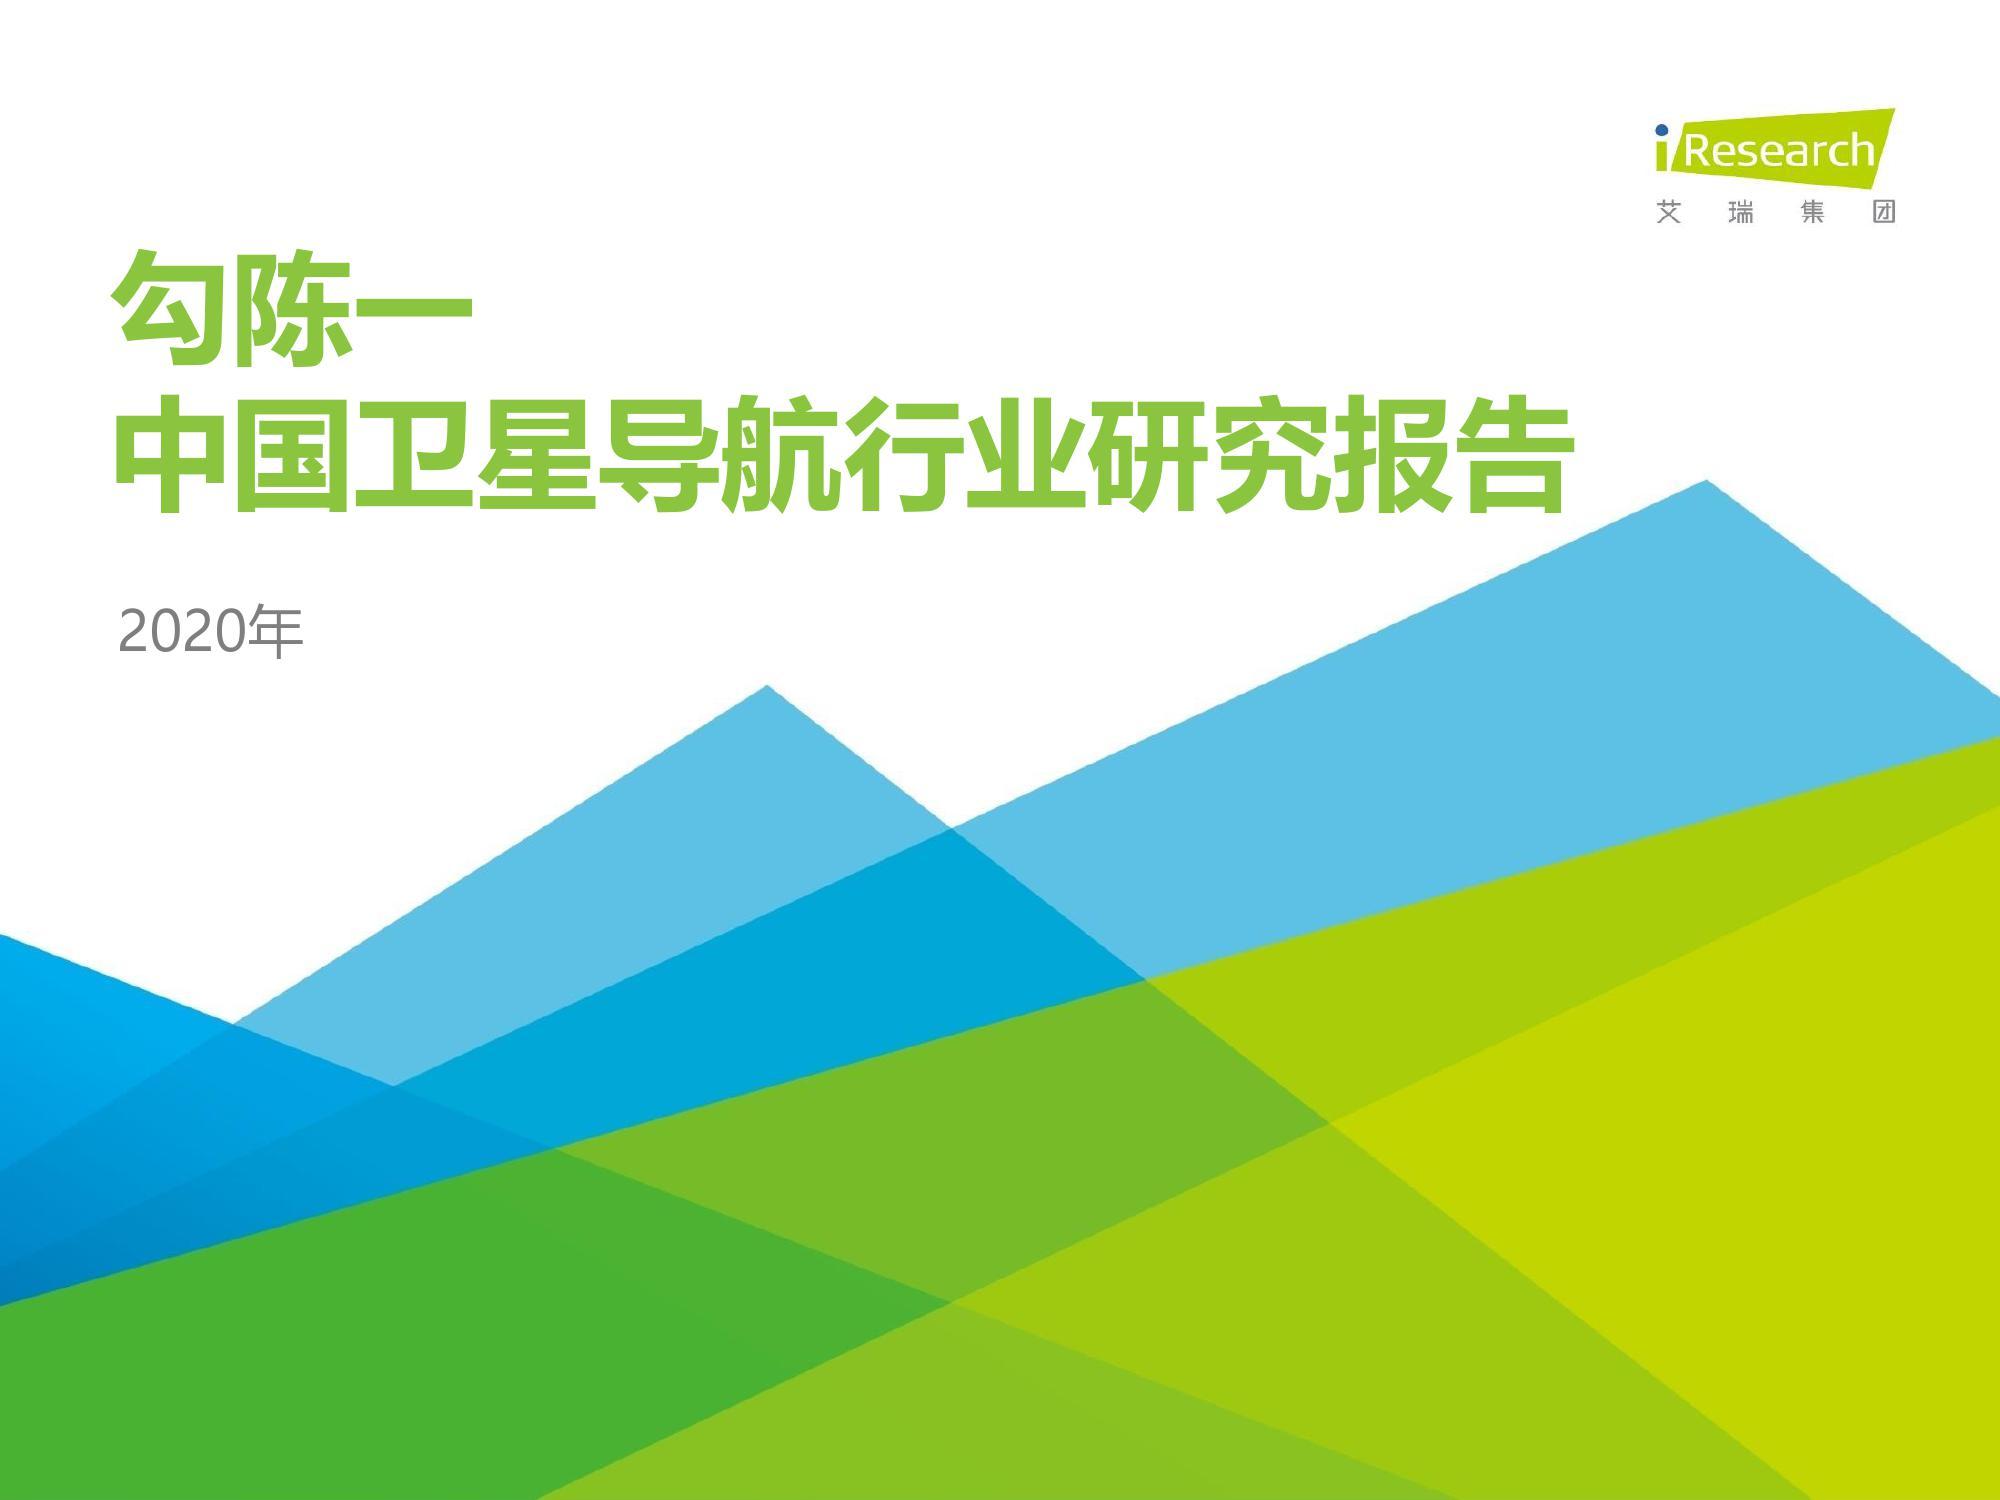 艾瑞咨询:2020年中国卫星导航行业研究报告(附下载)